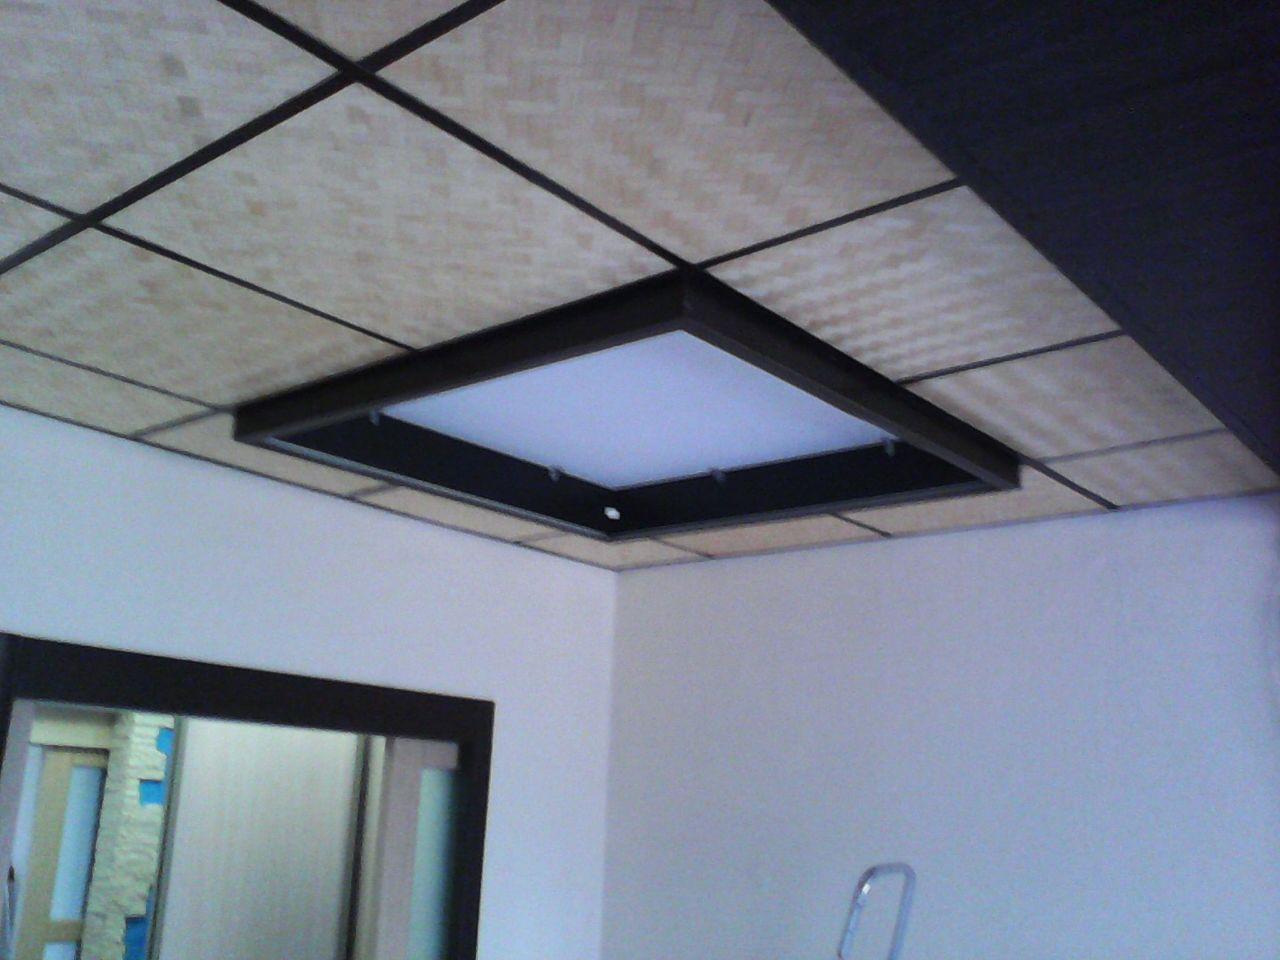 С неимоверным трудом прибиваю эту конструкцию из ЛДСП к потолку! ремонт, рукожопие, японский стиль